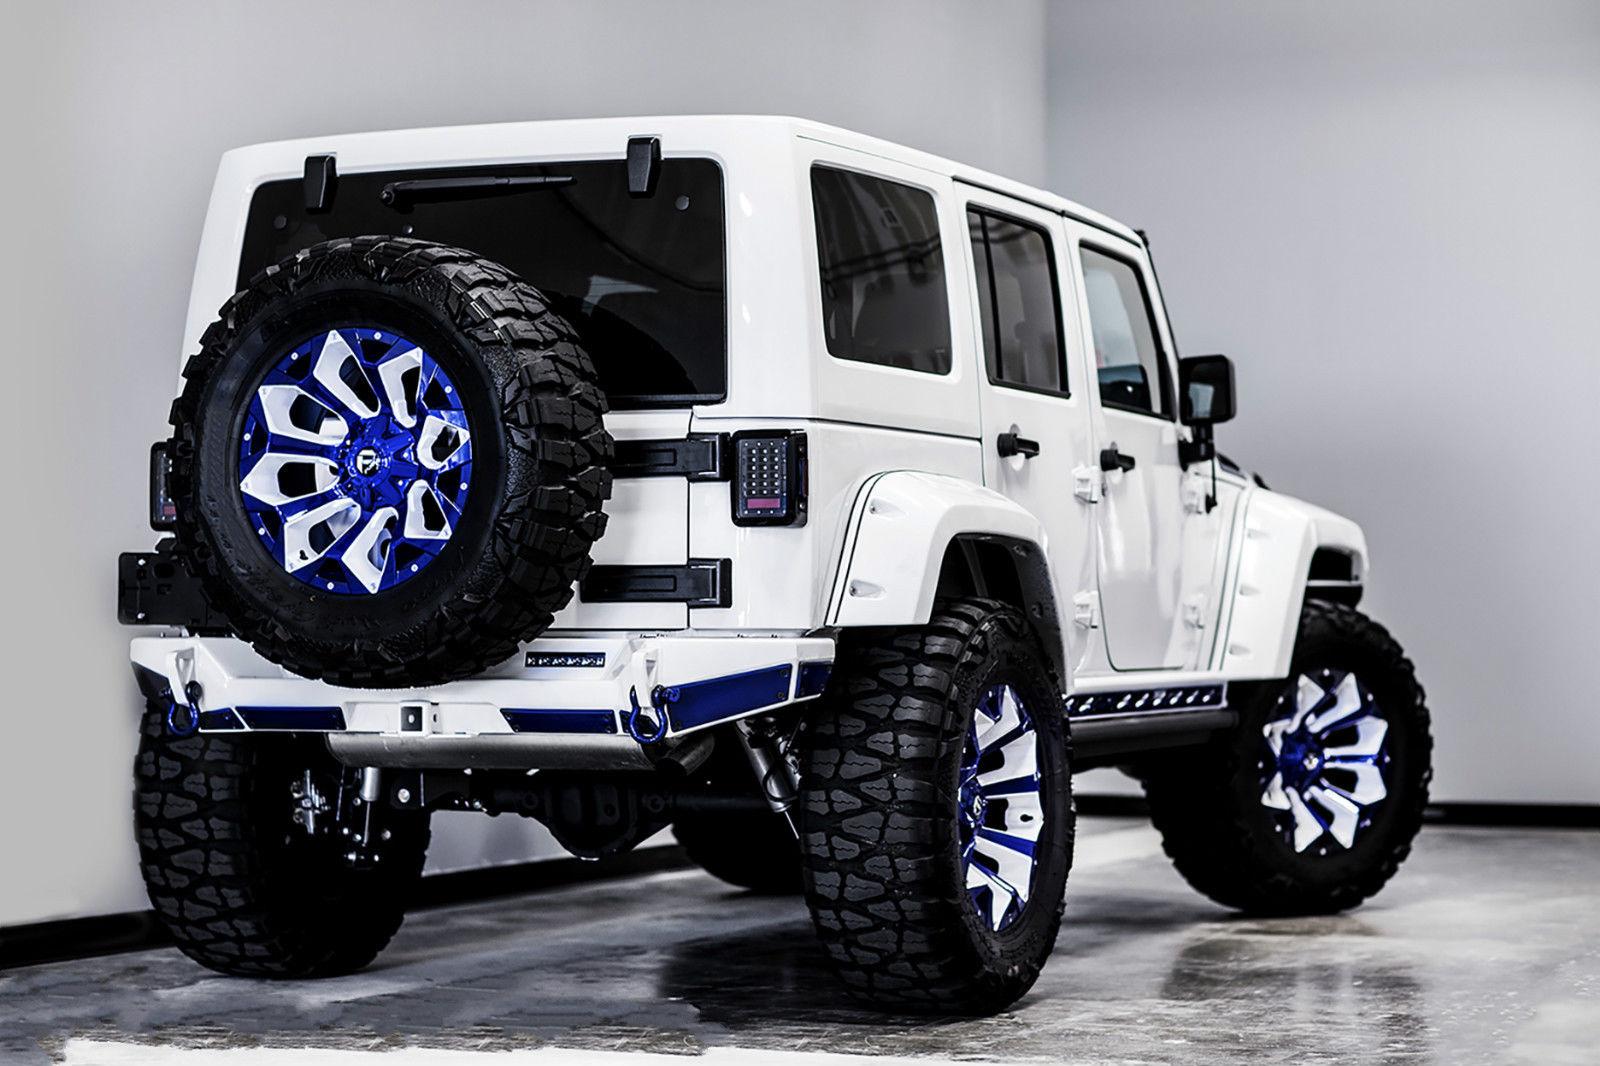 Crean Modificacin De Jeep Wrangler Al Estilo STORMTROOPER